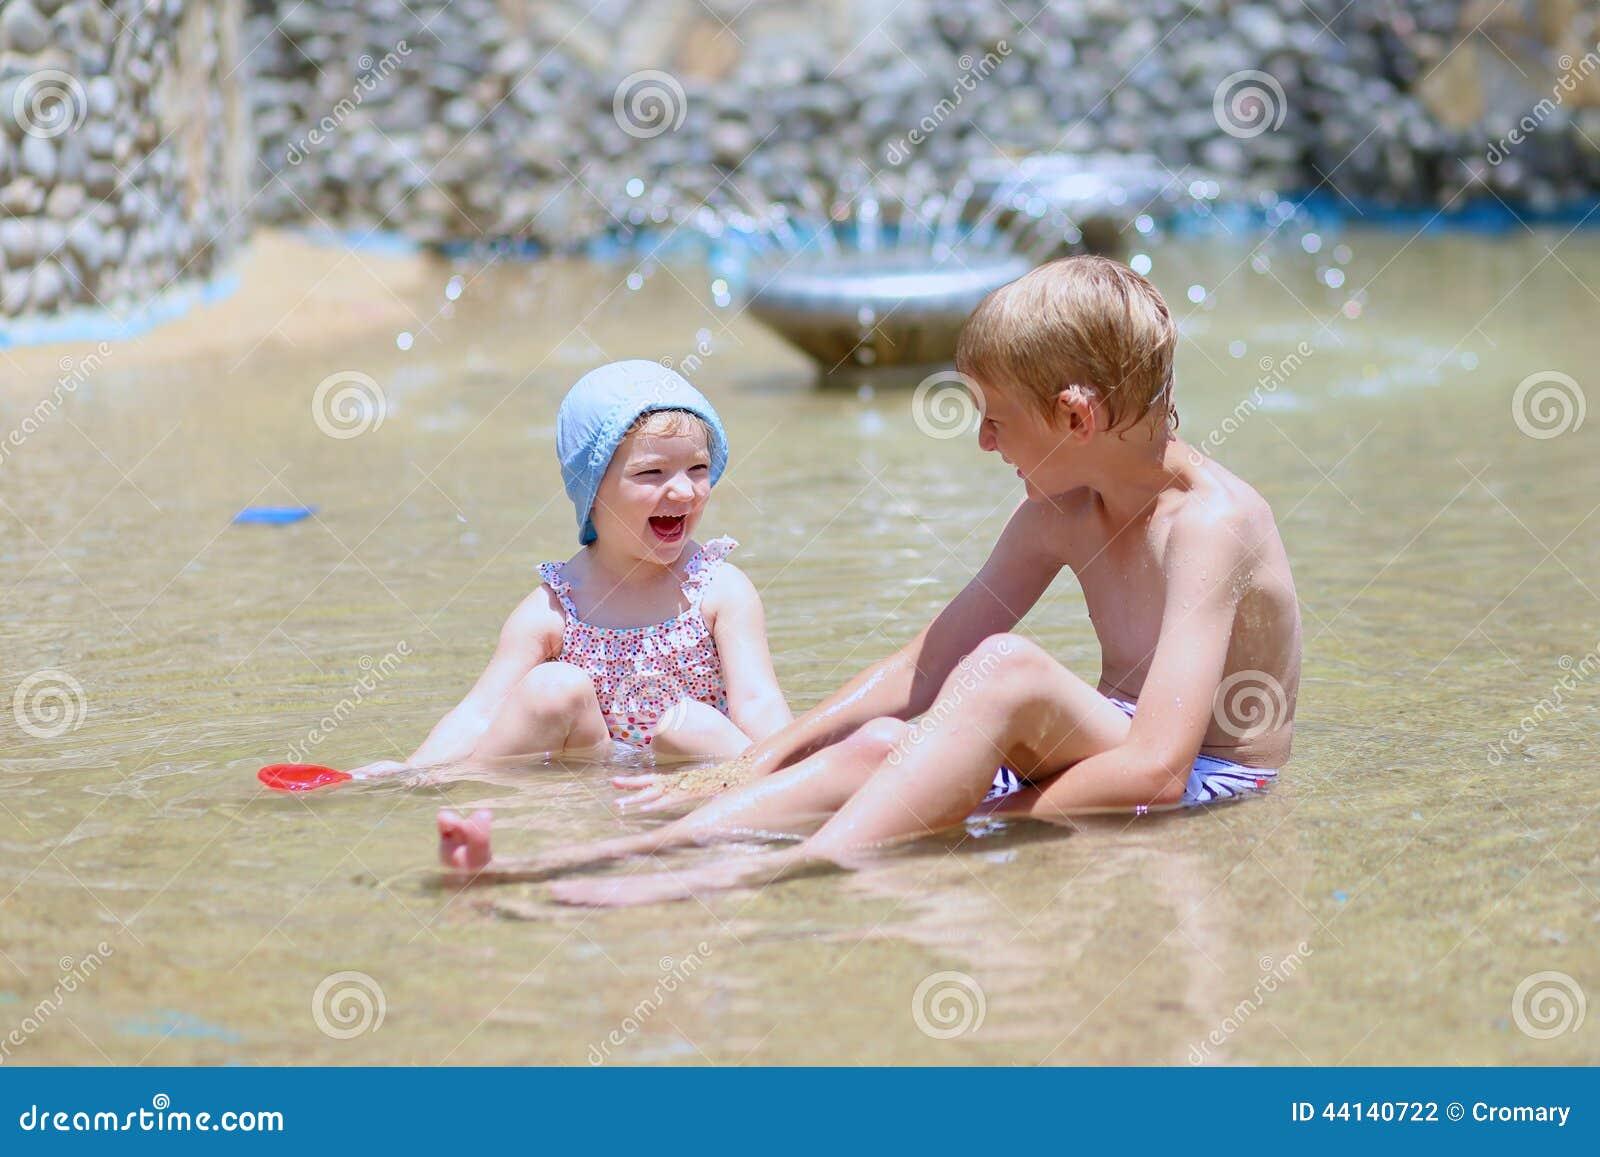 Сестра с братом купаются фото, Брат трахнул сестрицу в попку и другие порно фото 21 фотография